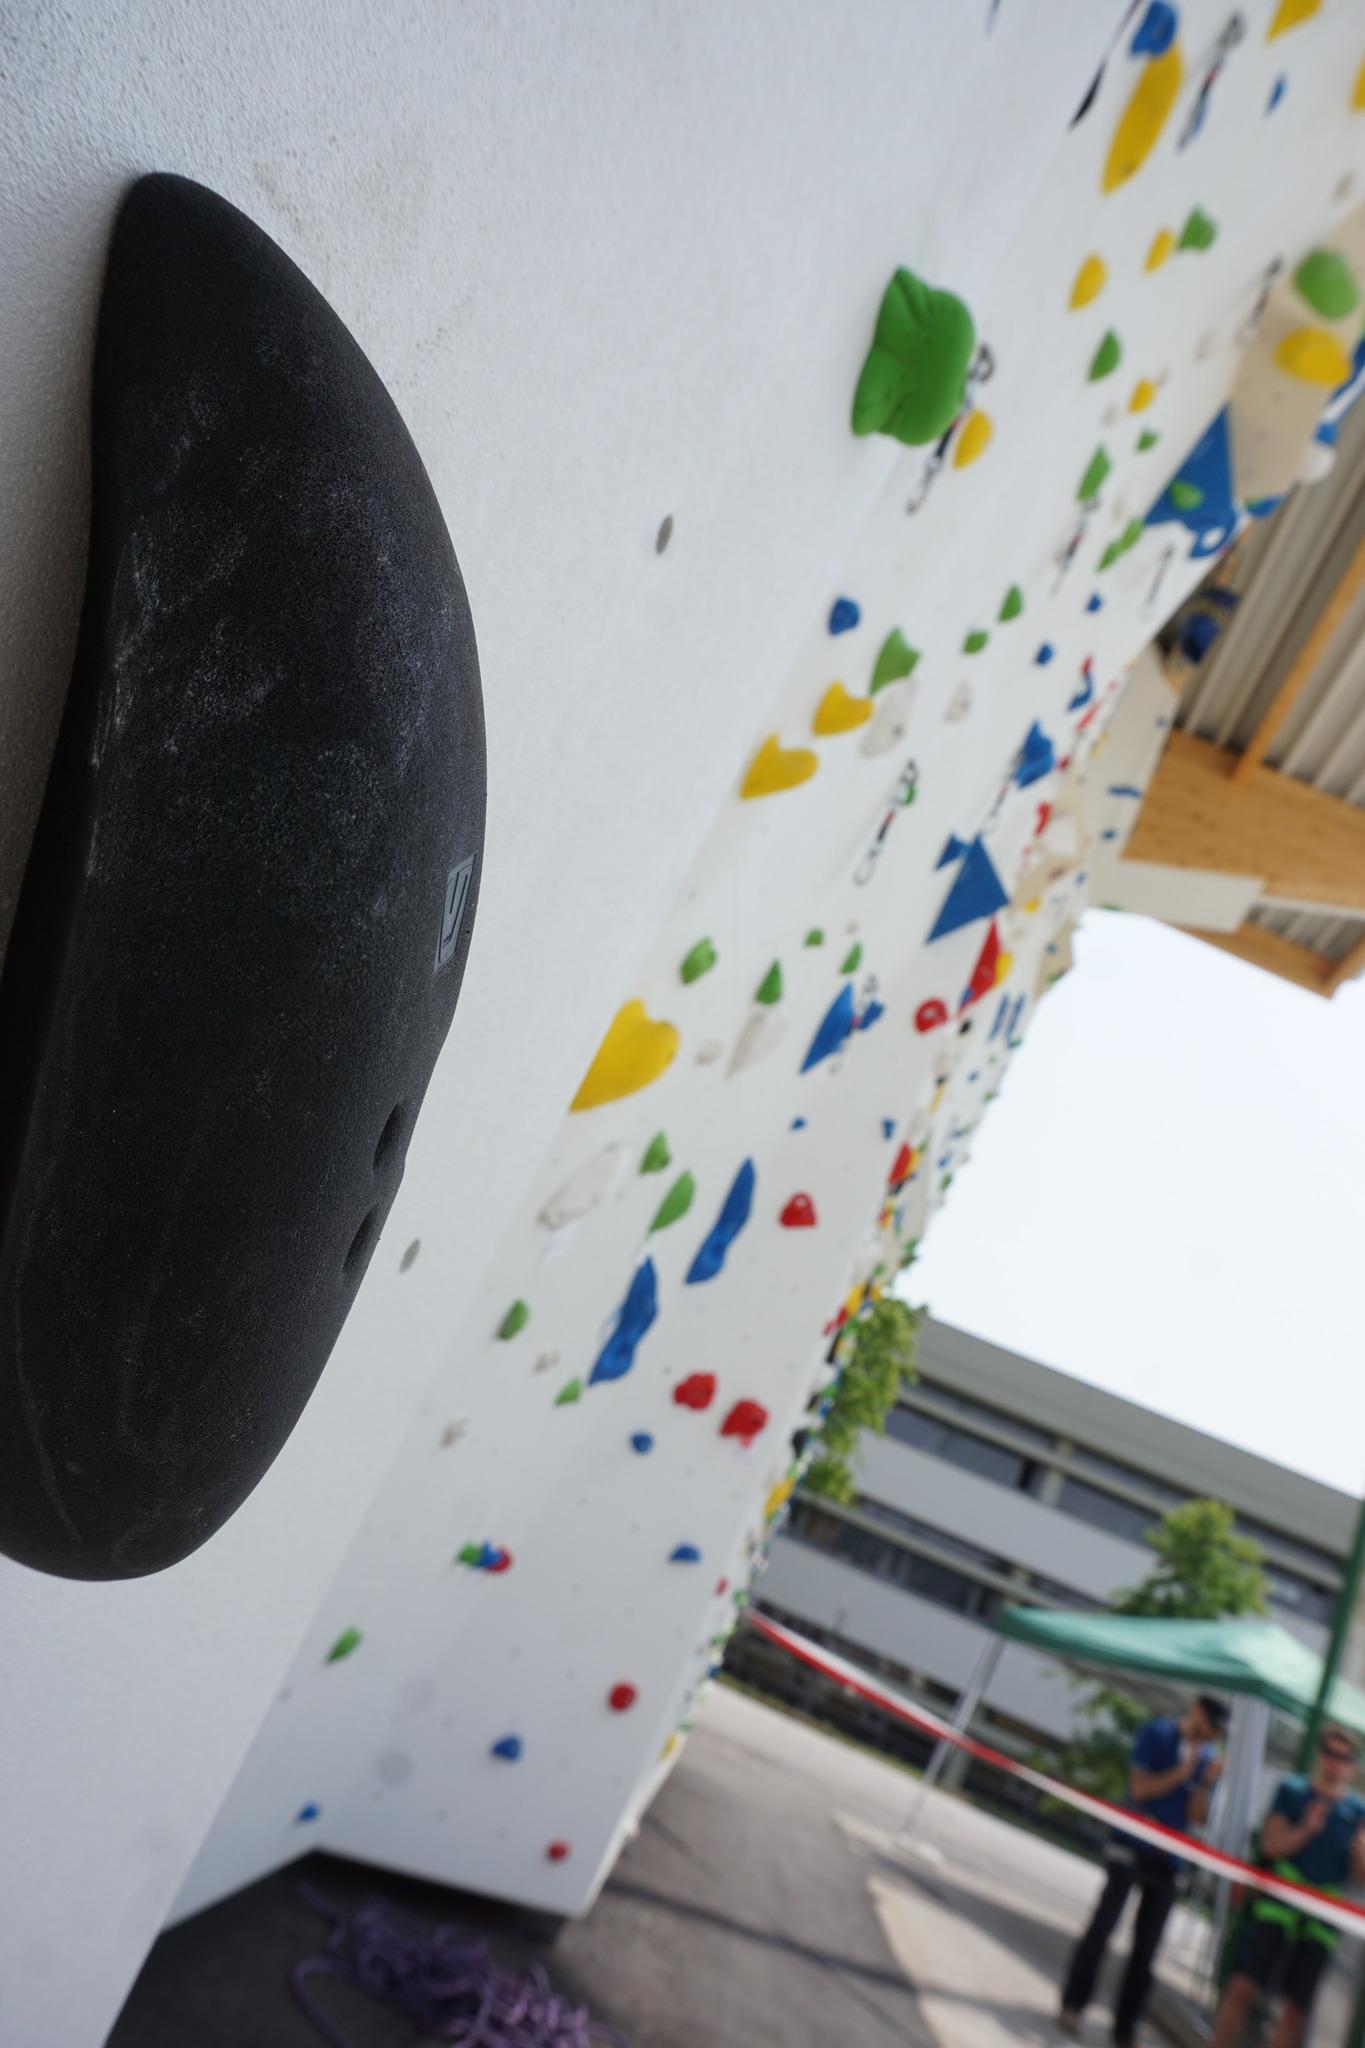 kletterwand im allsportzentrum eröffnet - eisenstadt